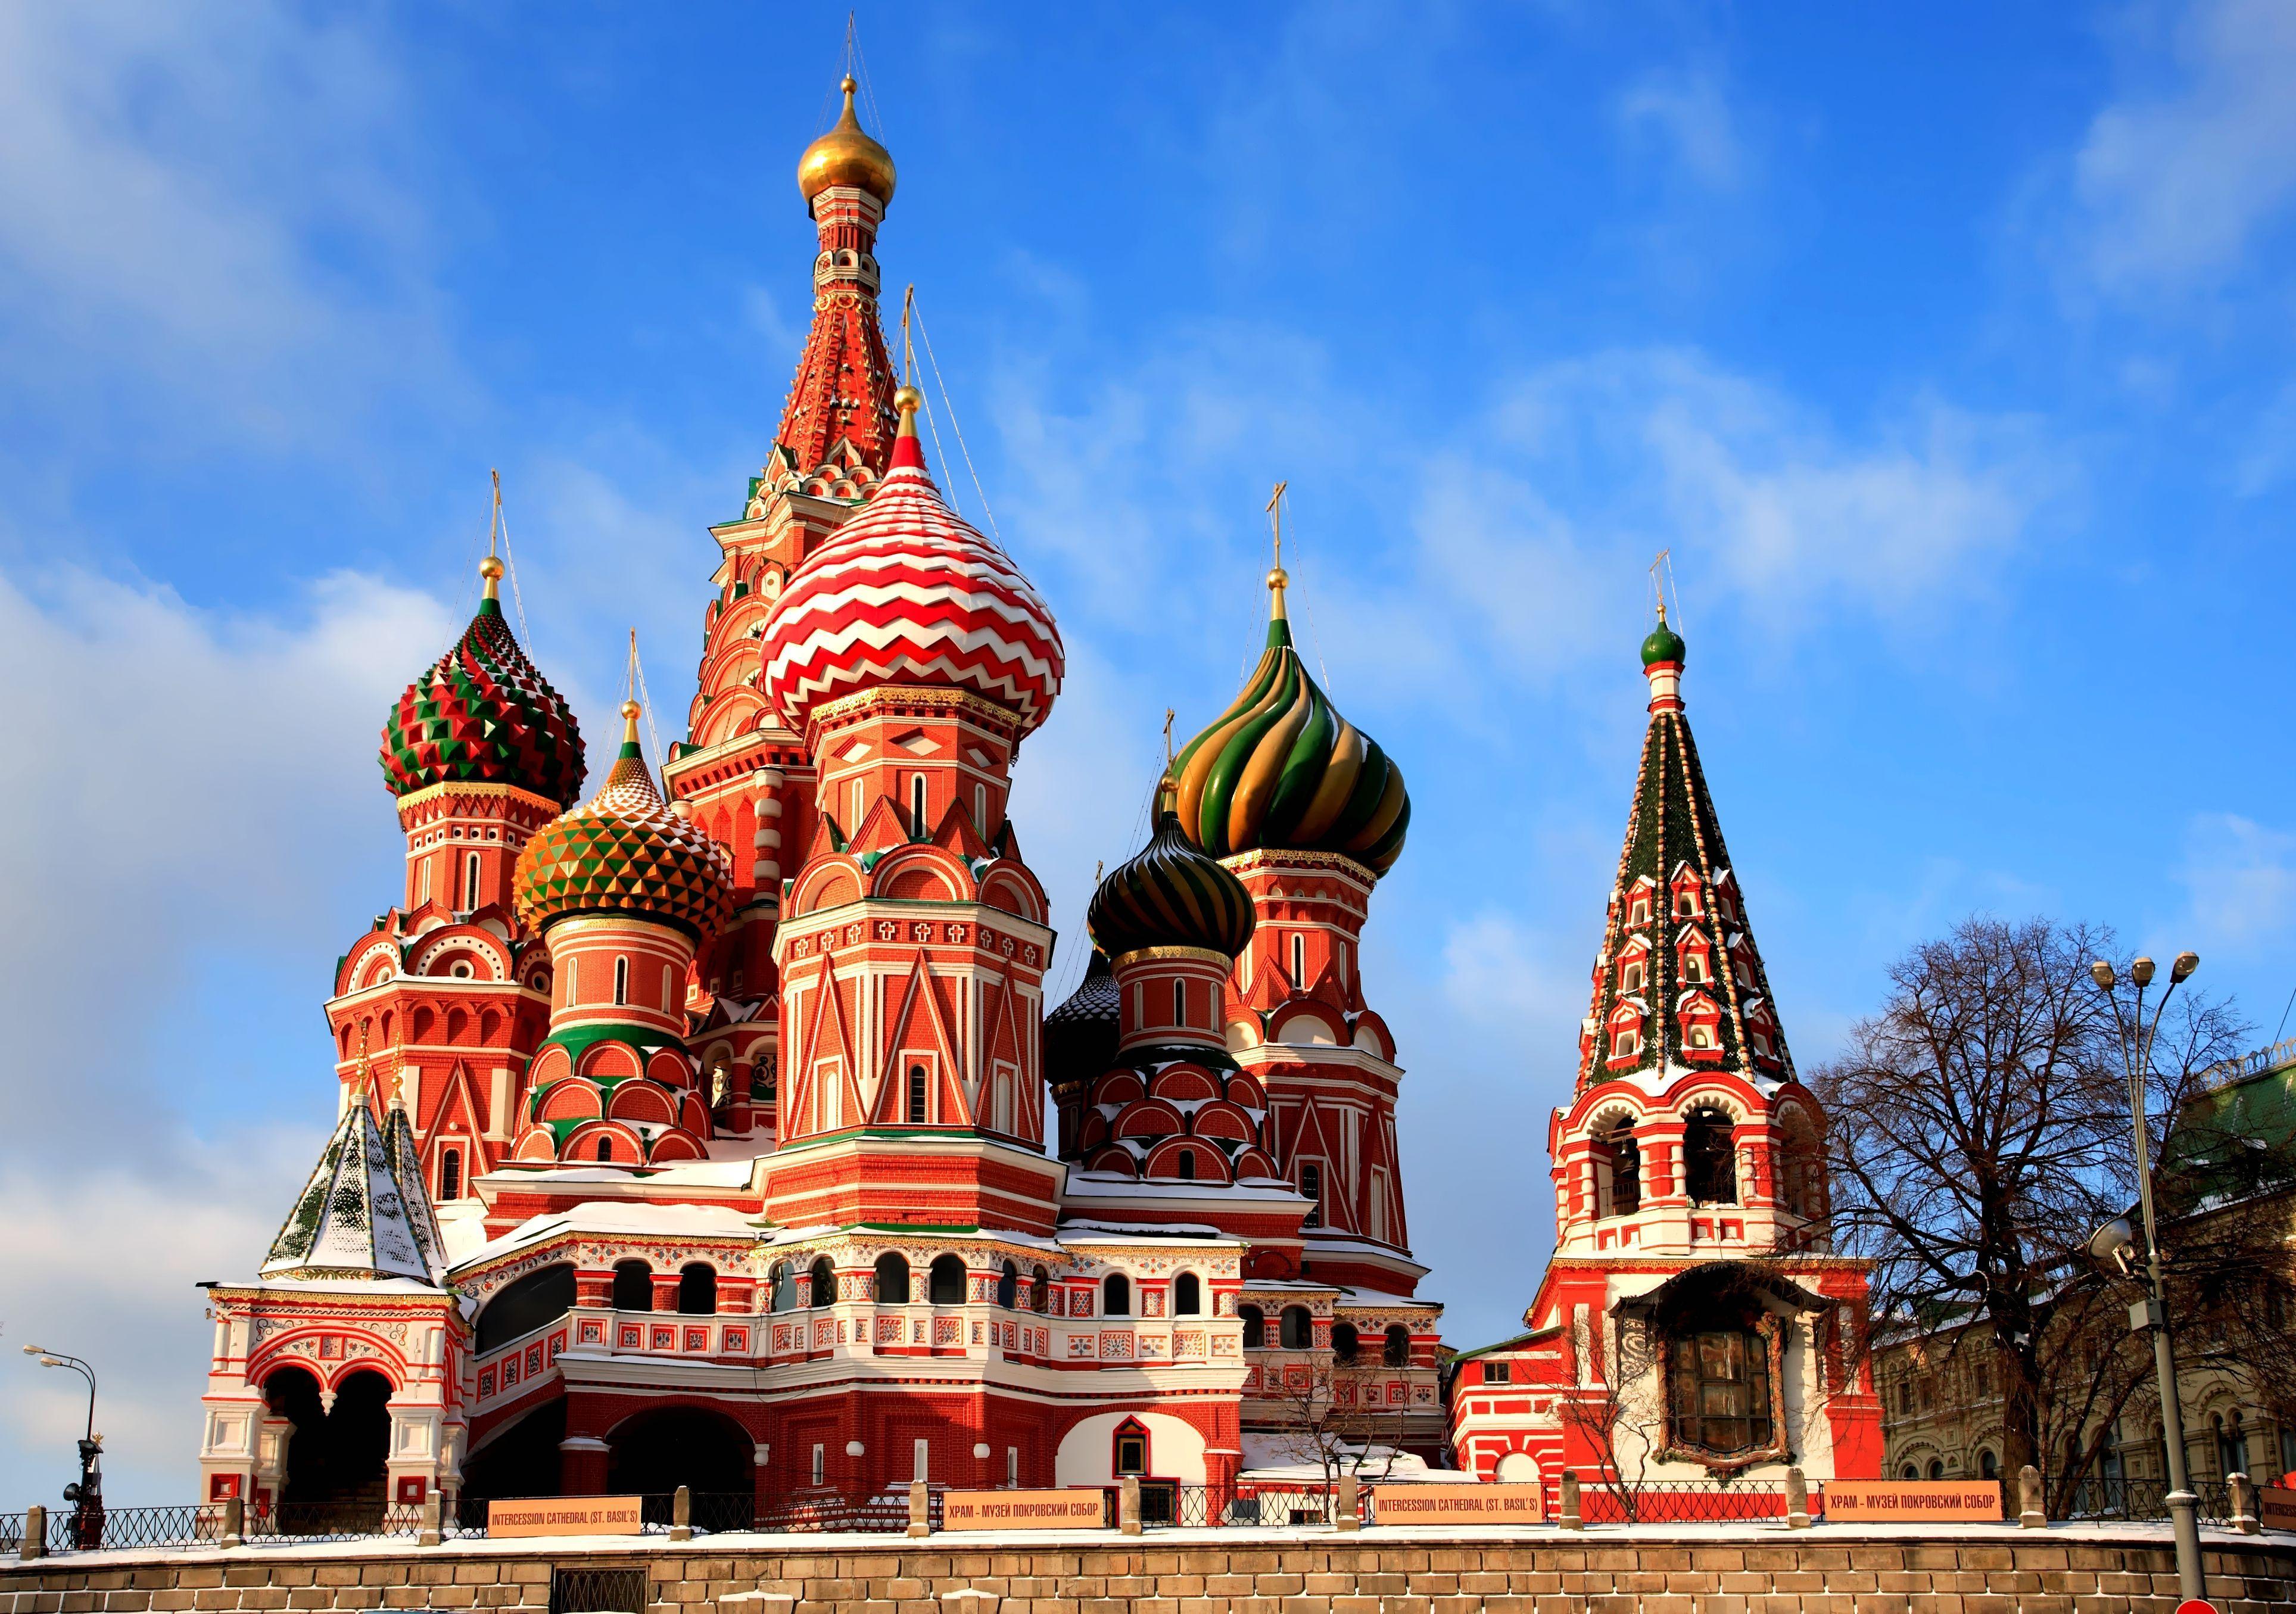 354641 xram vasiliya blazhennogo krasnaya 3855x2710 www.GdeFon.ru